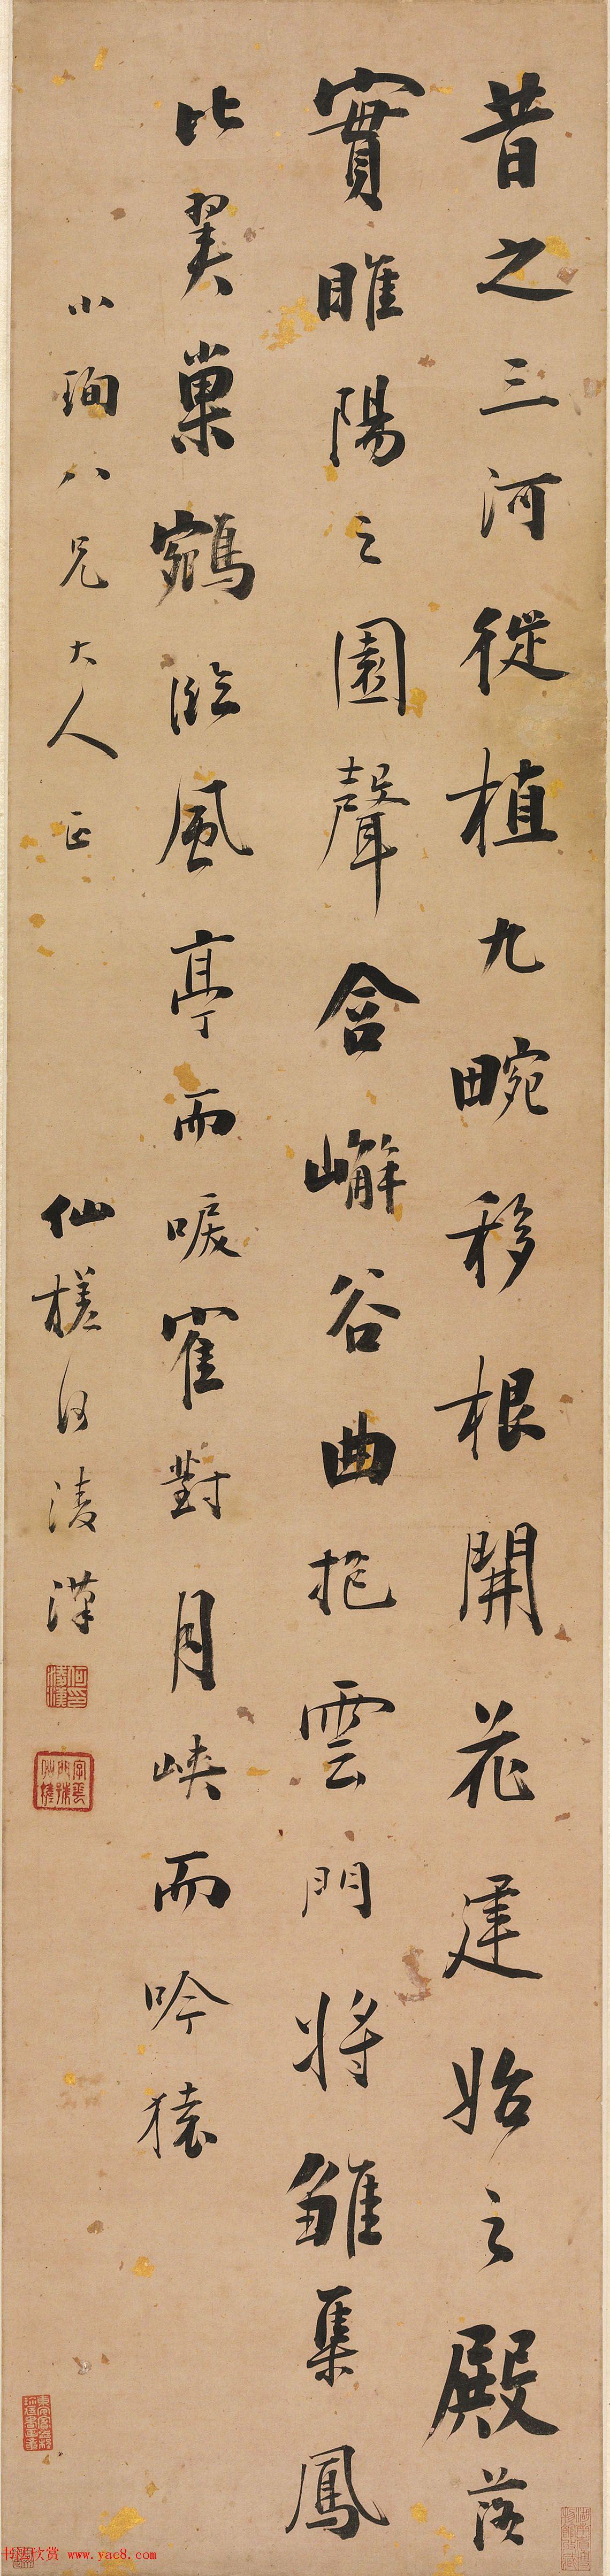 清朝大臣、书法家何凌汉行书作品欣赏